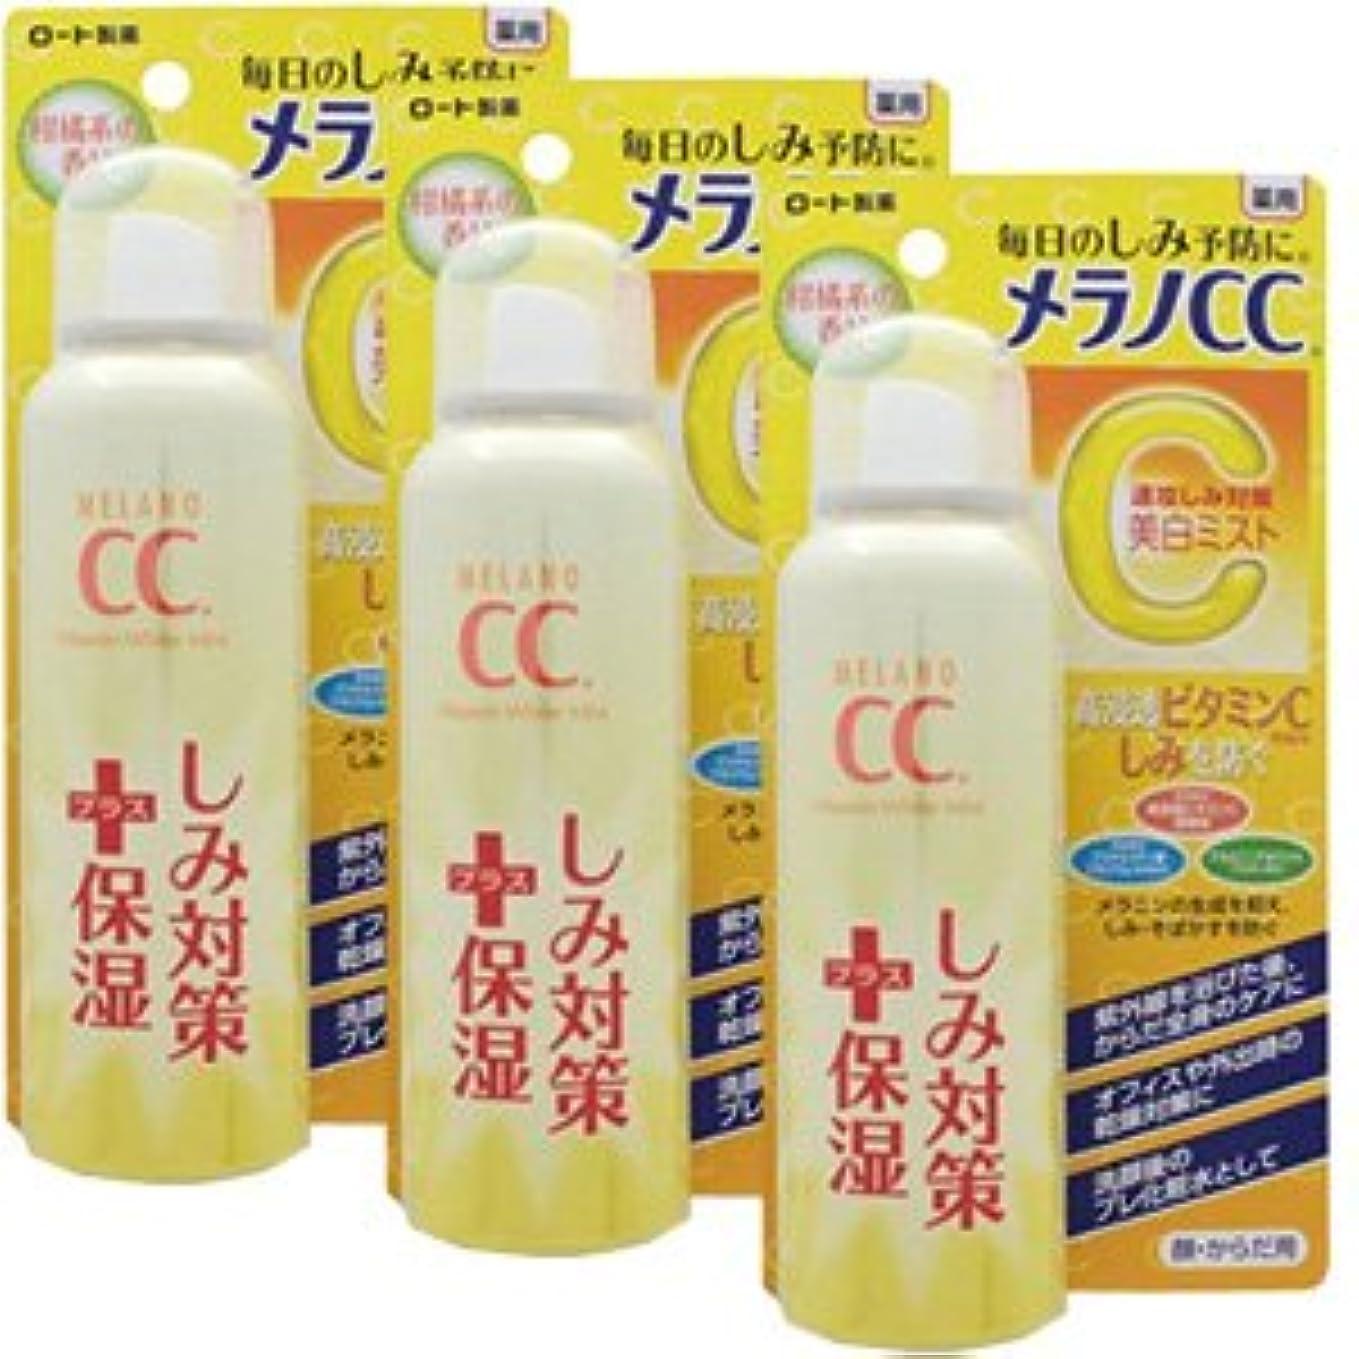 獣戸口粘土【3個】メラノCC 薬用しみ対策美白ミスト化粧水 100gx3個